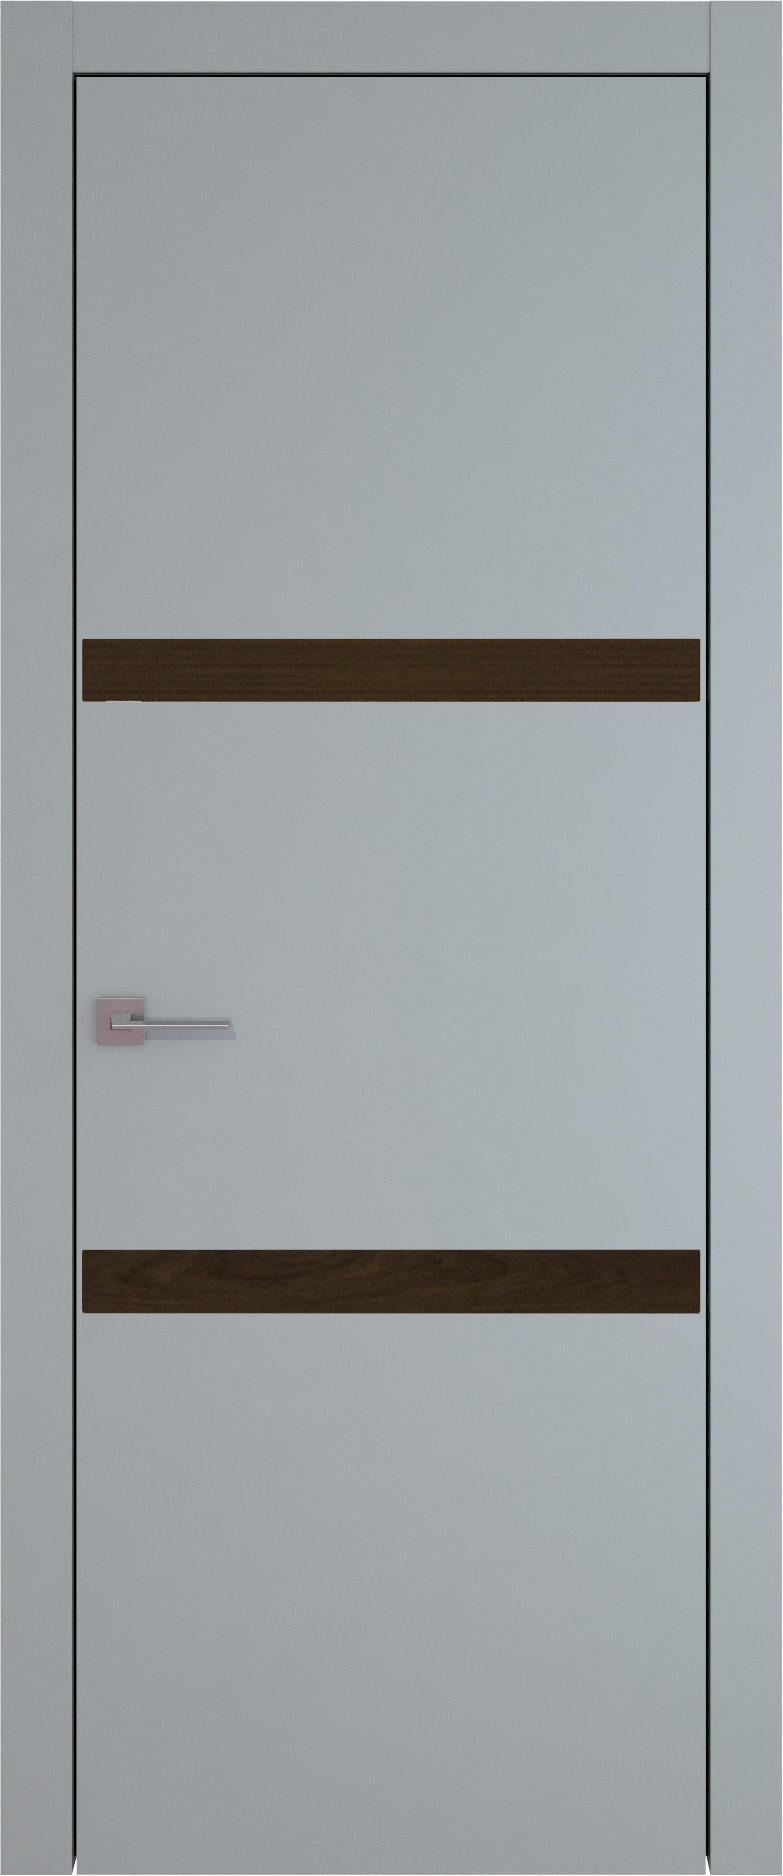 Tivoli В-4 цвет - Серебристо-серая эмаль (RAL 7045) Без стекла (ДГ)